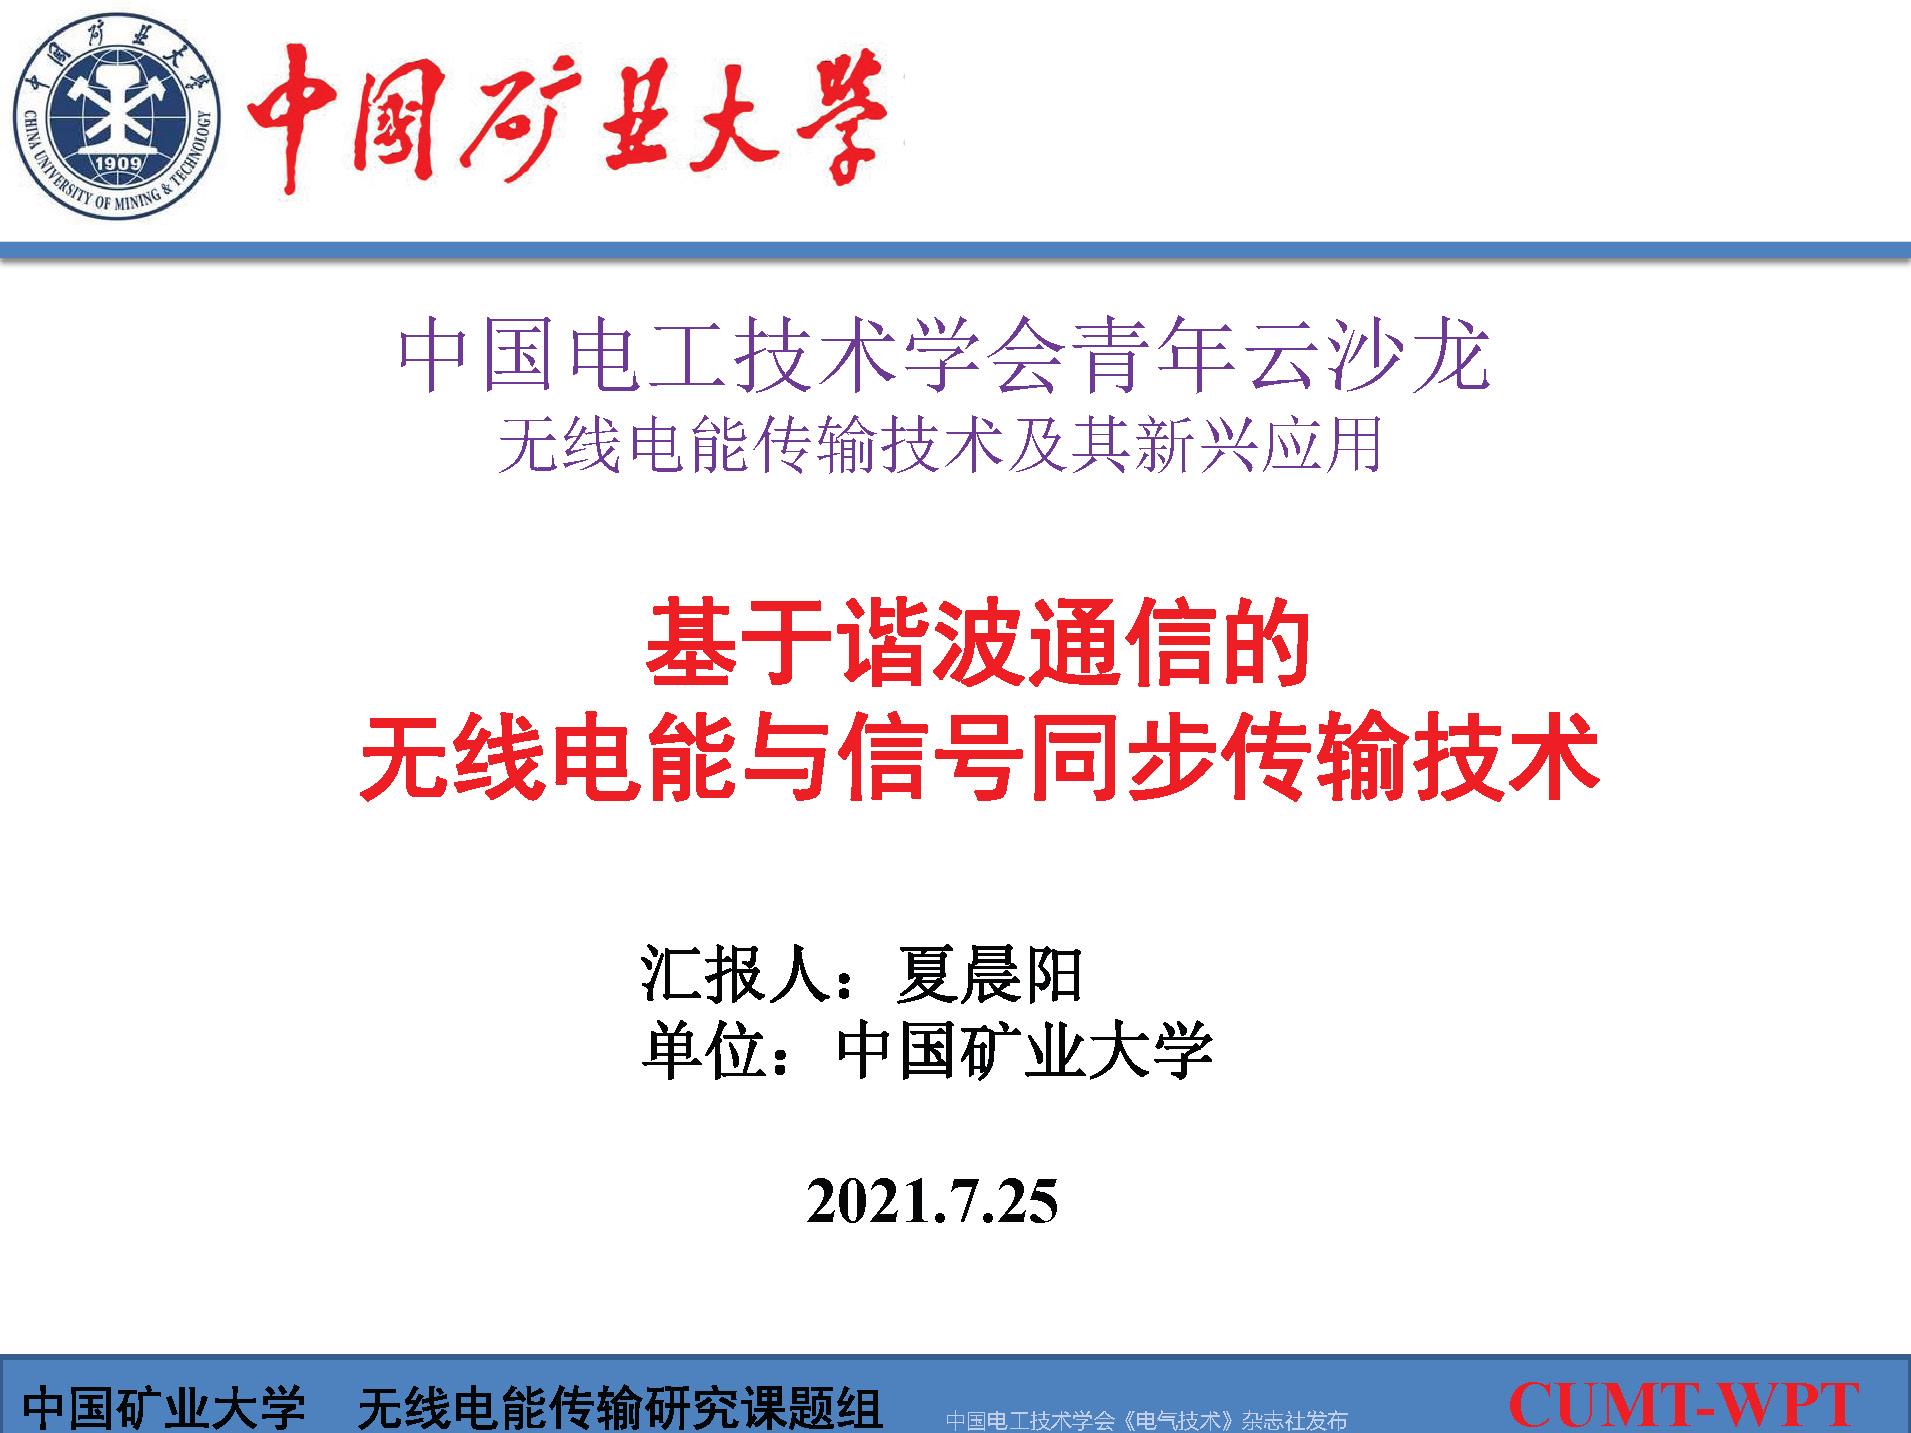 中國礦大夏晨陽教授:基于諧波通信的無線電能與信號同步傳輸技術